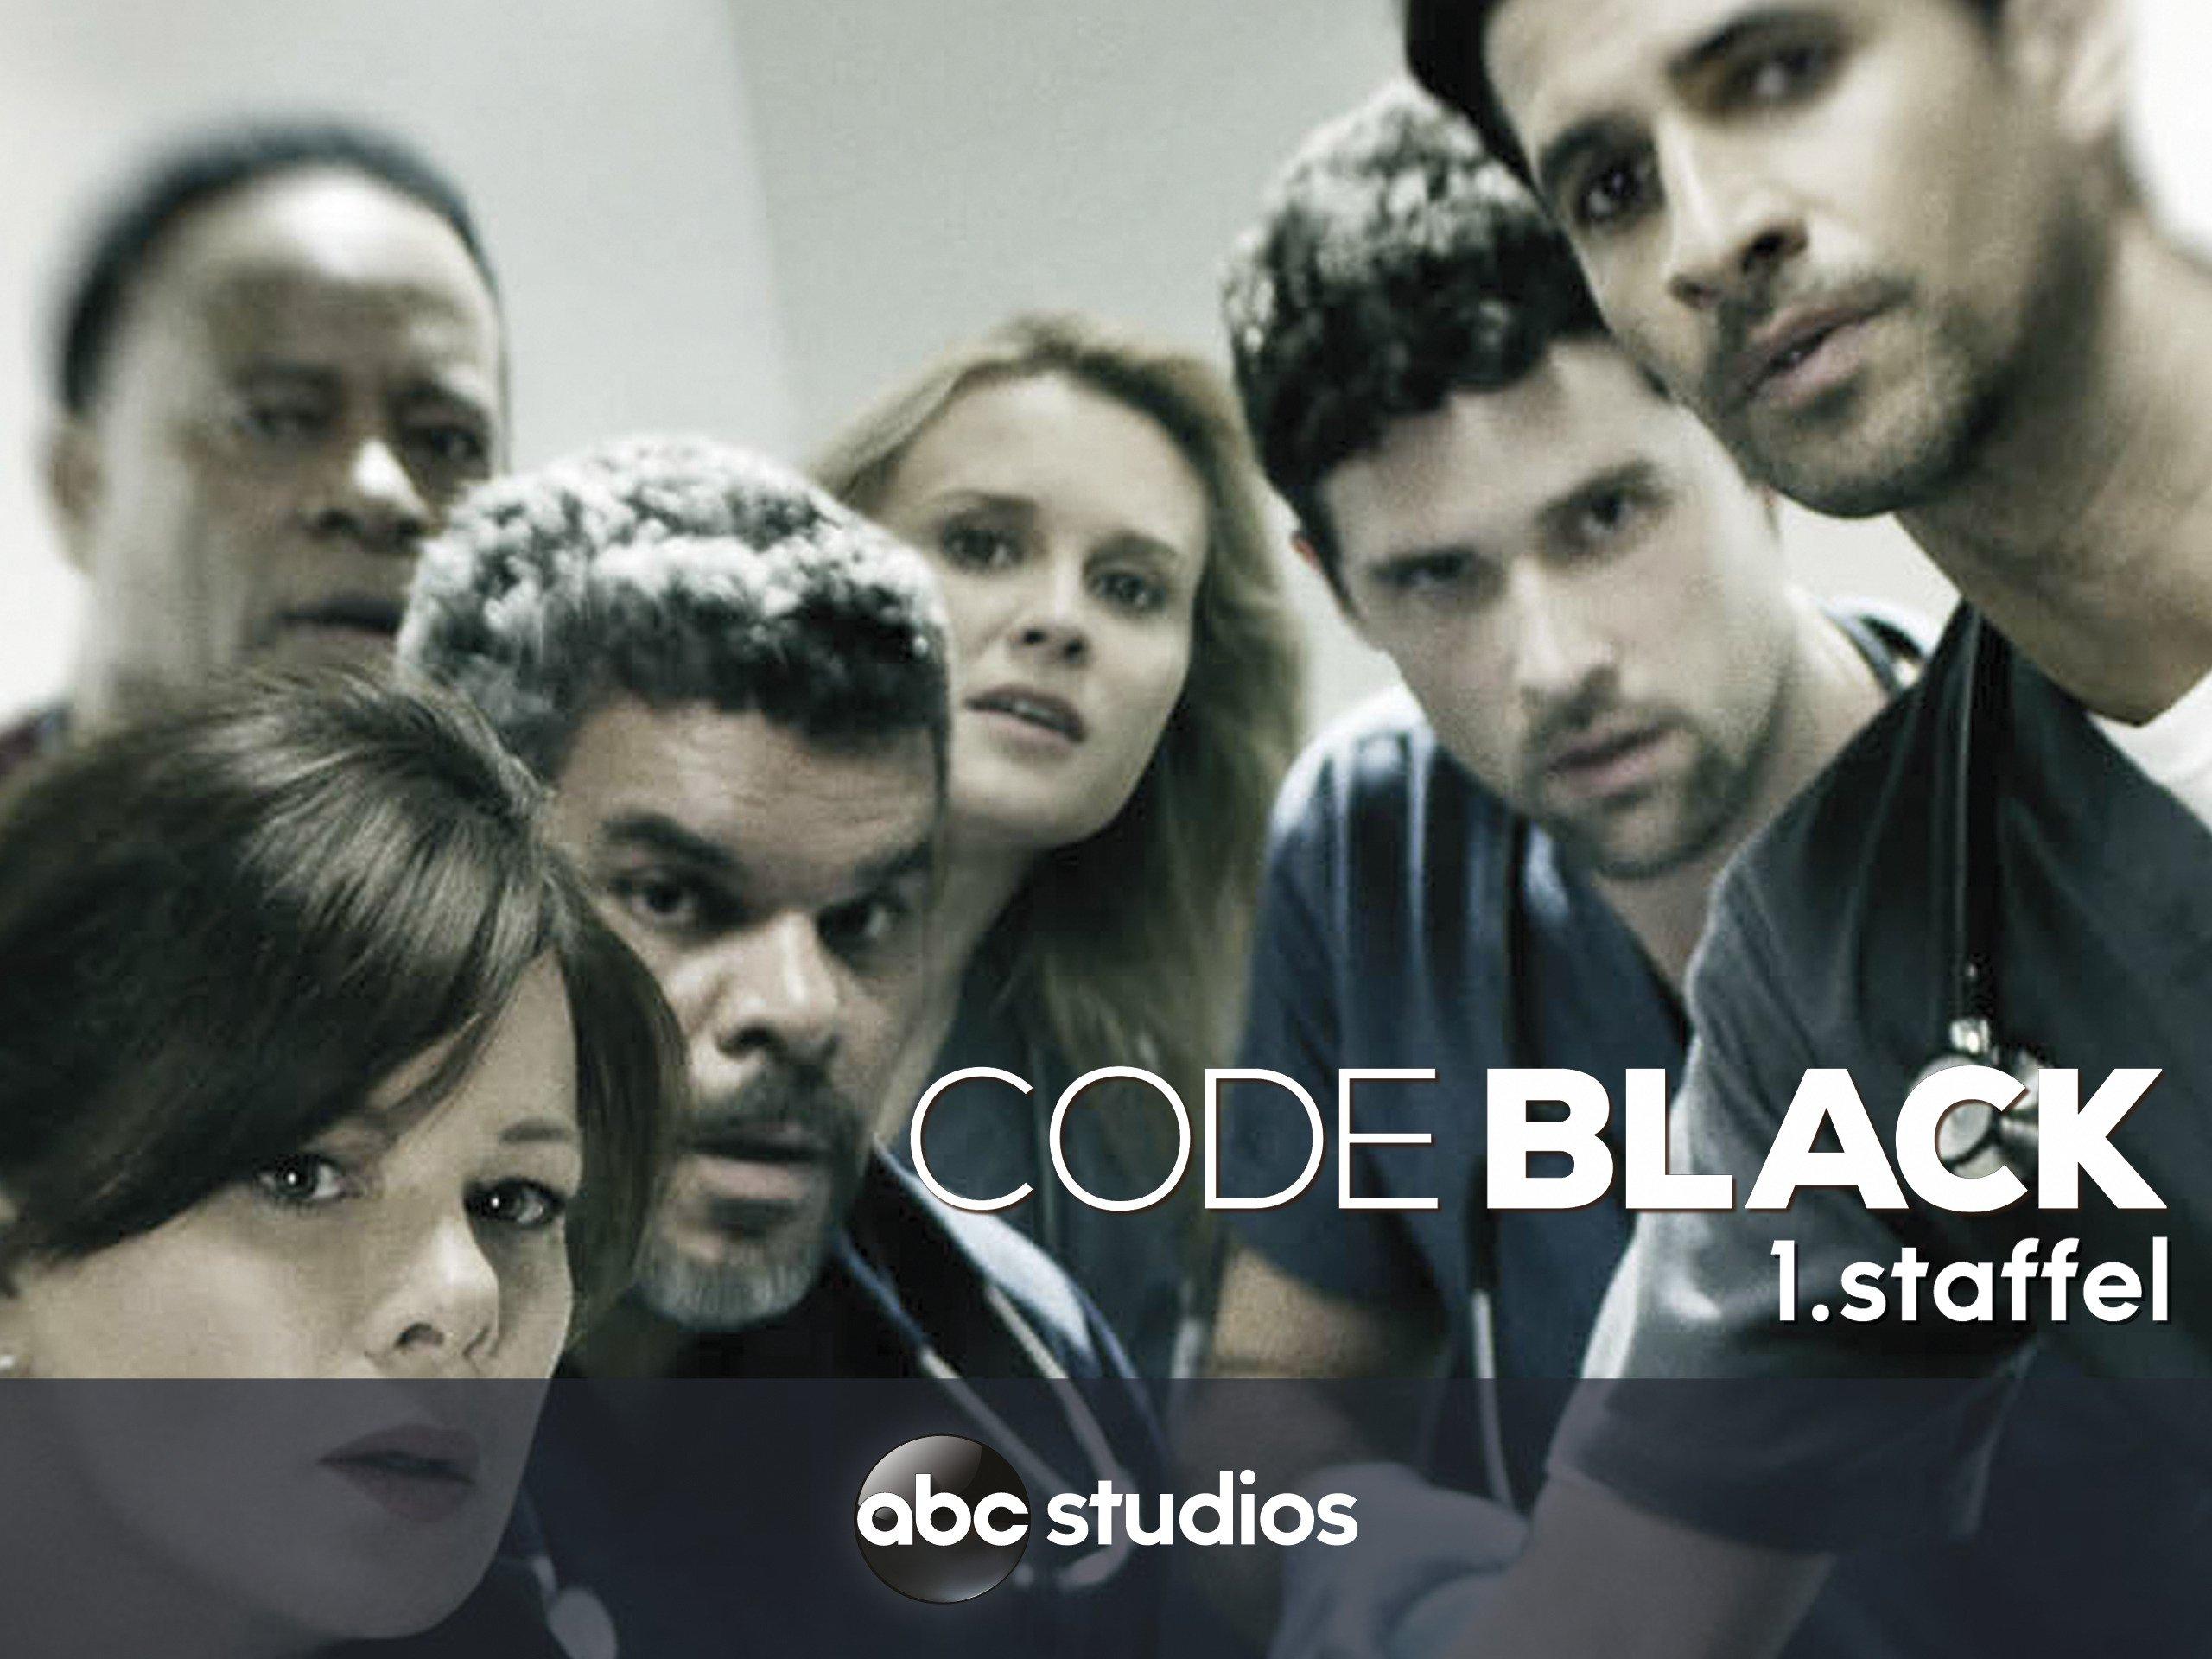 Code Black - Staffel 1 [OmU] online schauen und streamen bei Amazon ...